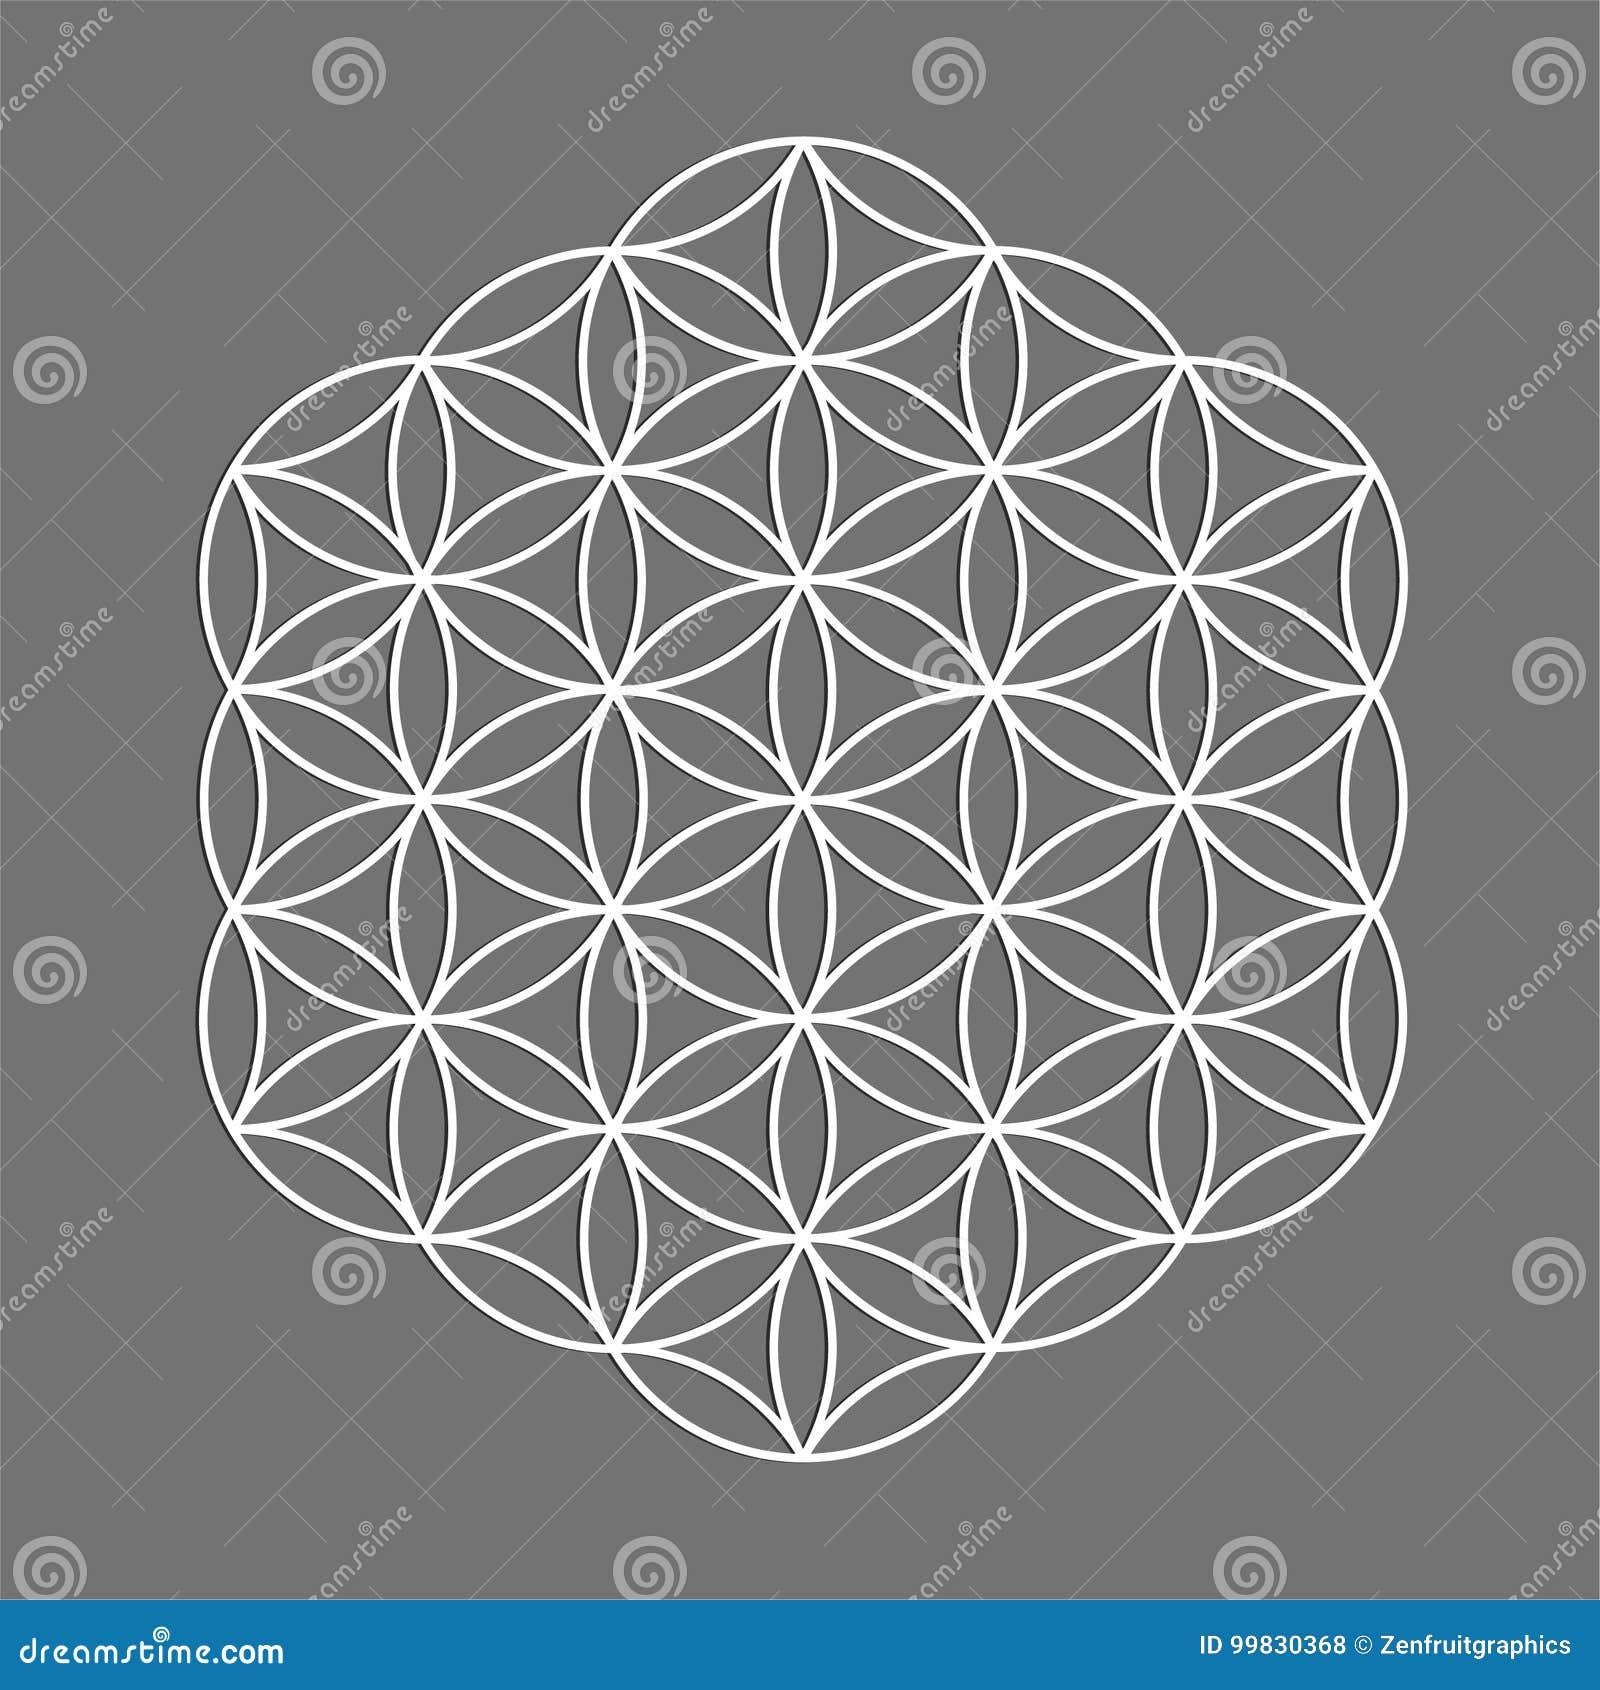 Simbolo sacro della geometria, fiore di vita per alchemia, spiritualità, religione, filosofia, emblema di astrologia o etichetta